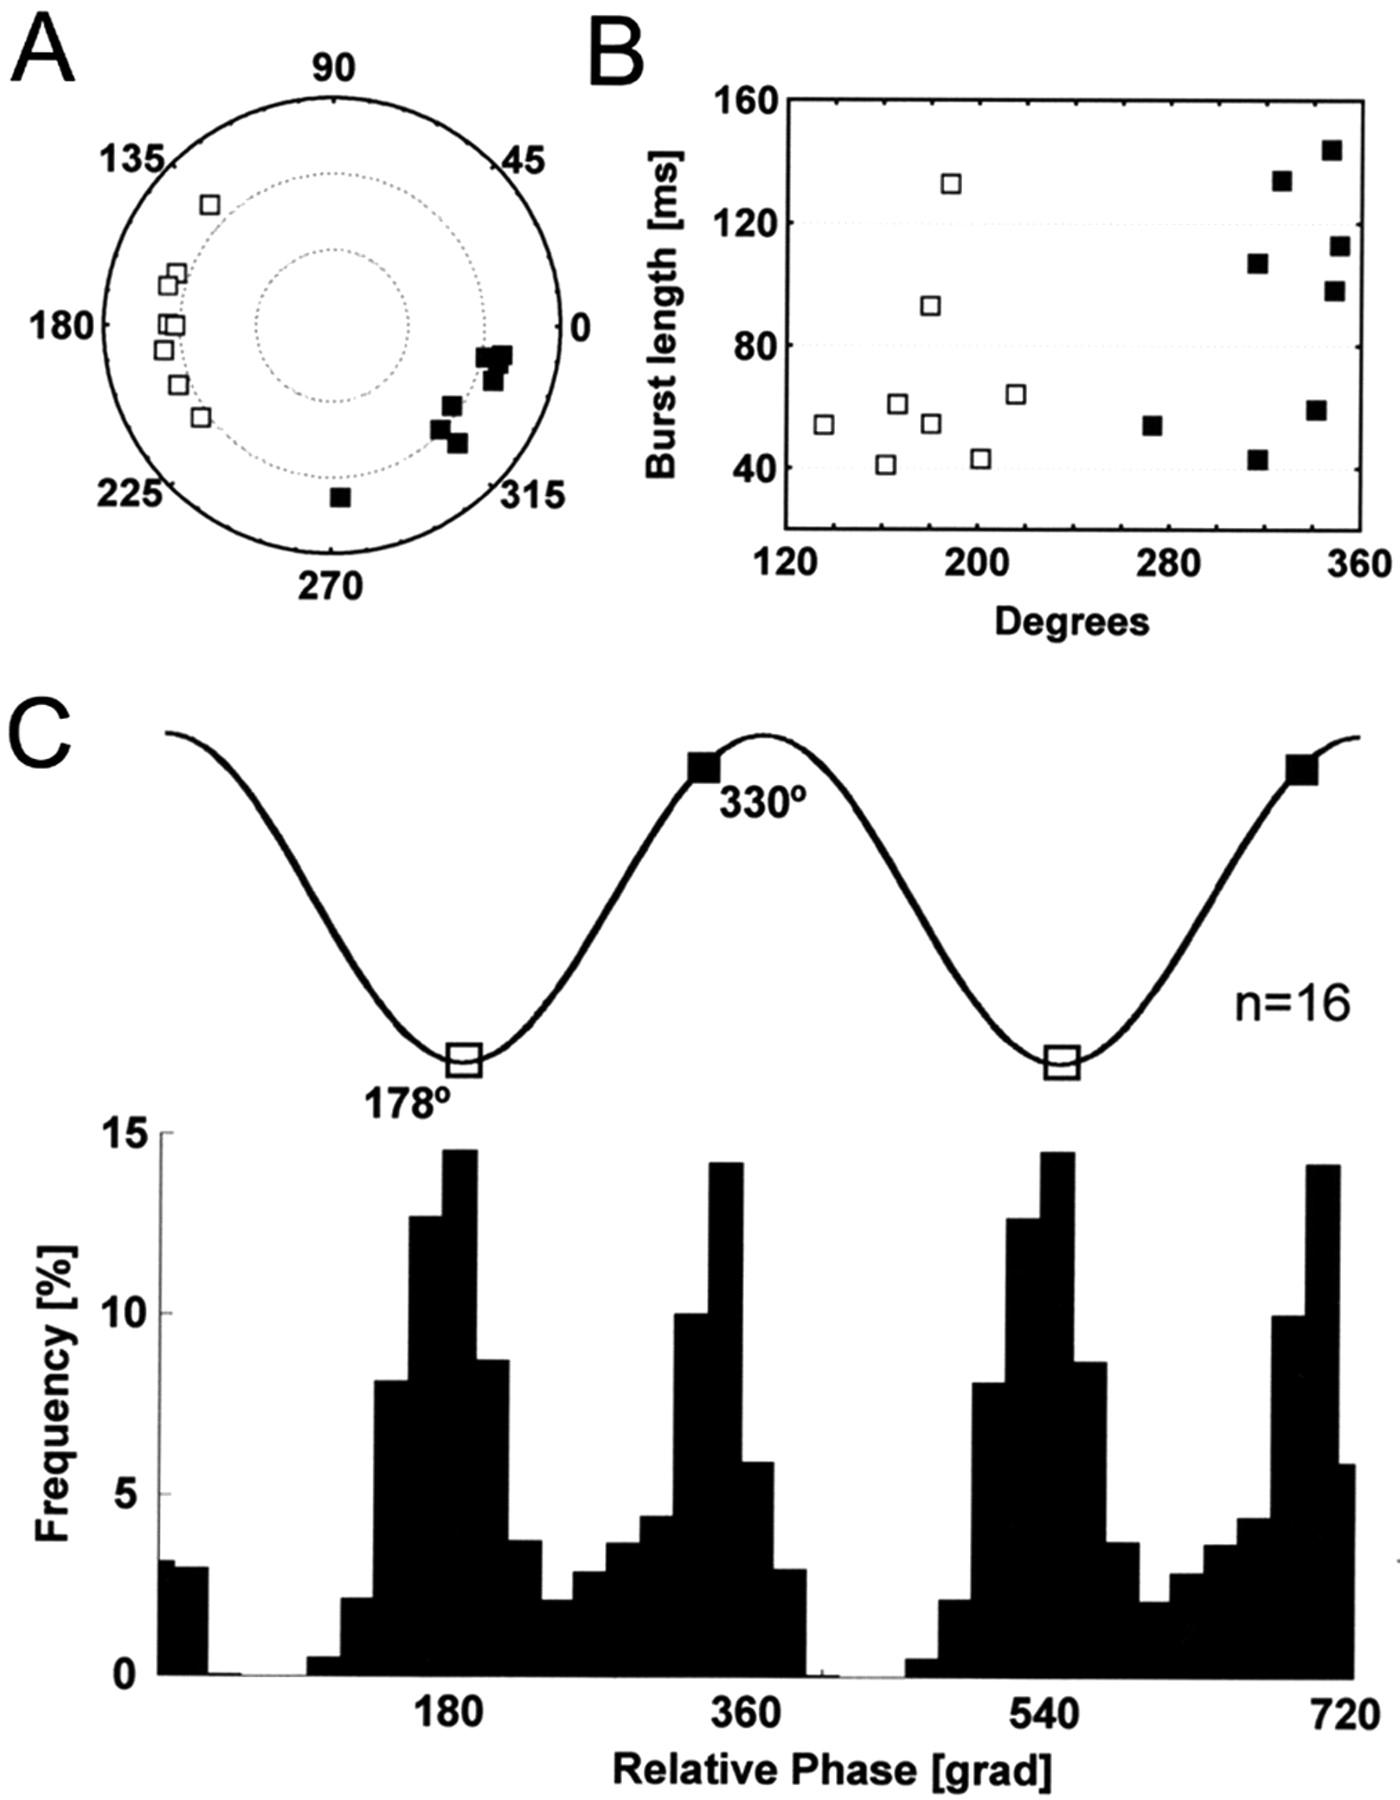 Phase Segregation of Medial Septal GABAergic Neurons